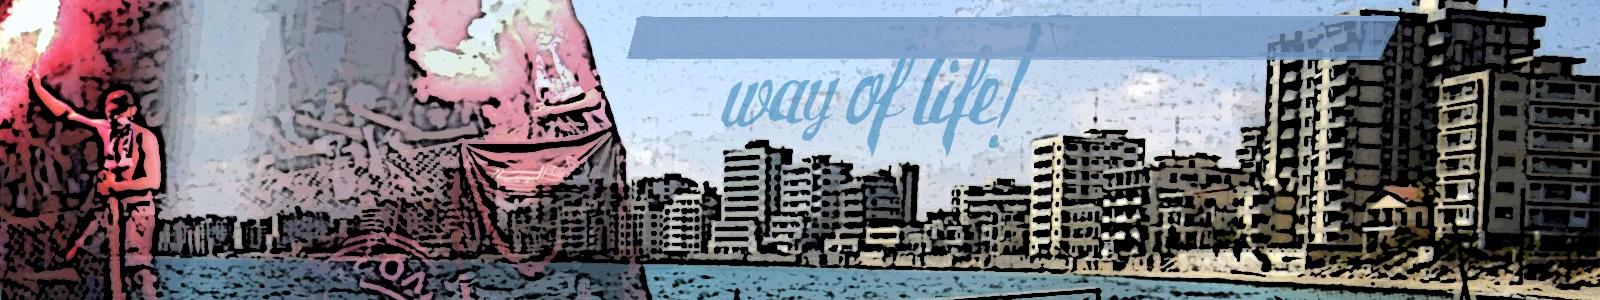 Ultras Famagusta